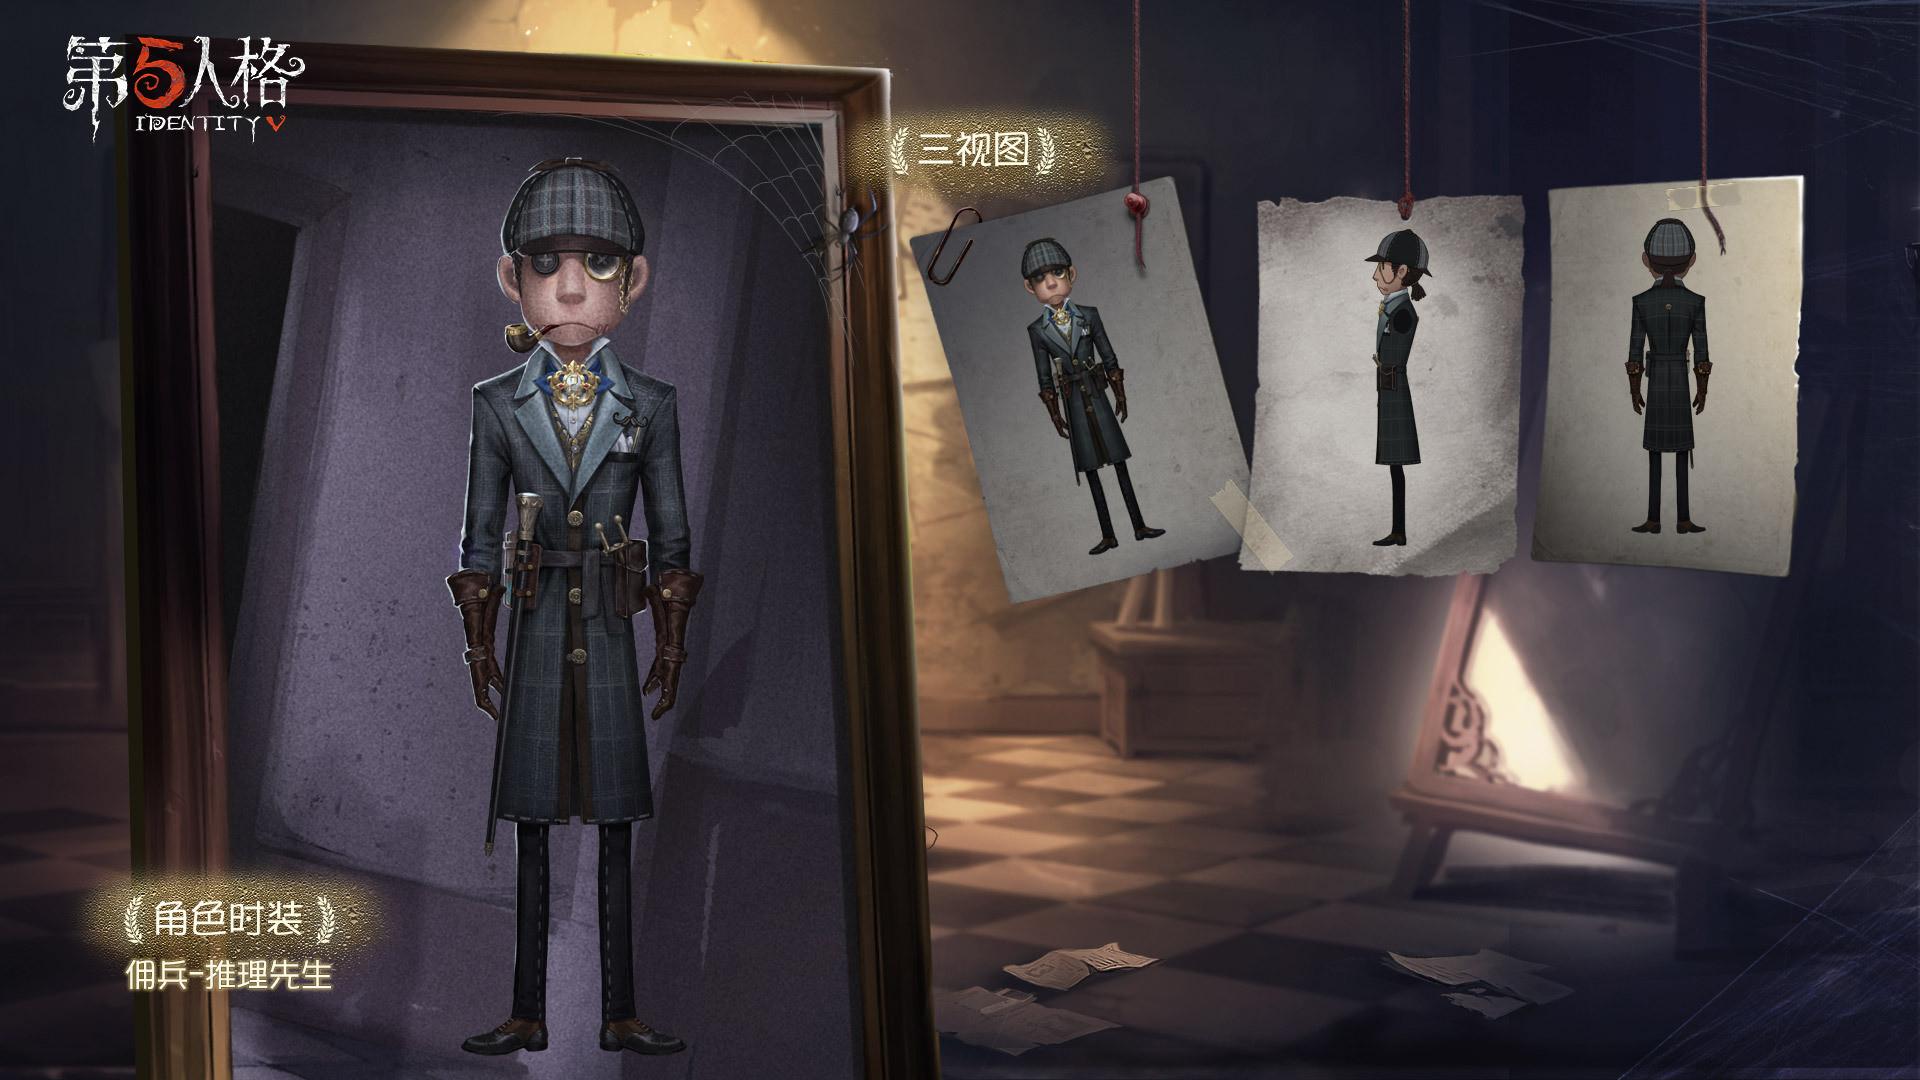 nba2k9中文版游戏下载_第五人格:多排上分遇BUG,佣兵变成屠夫,原来你是卧底?